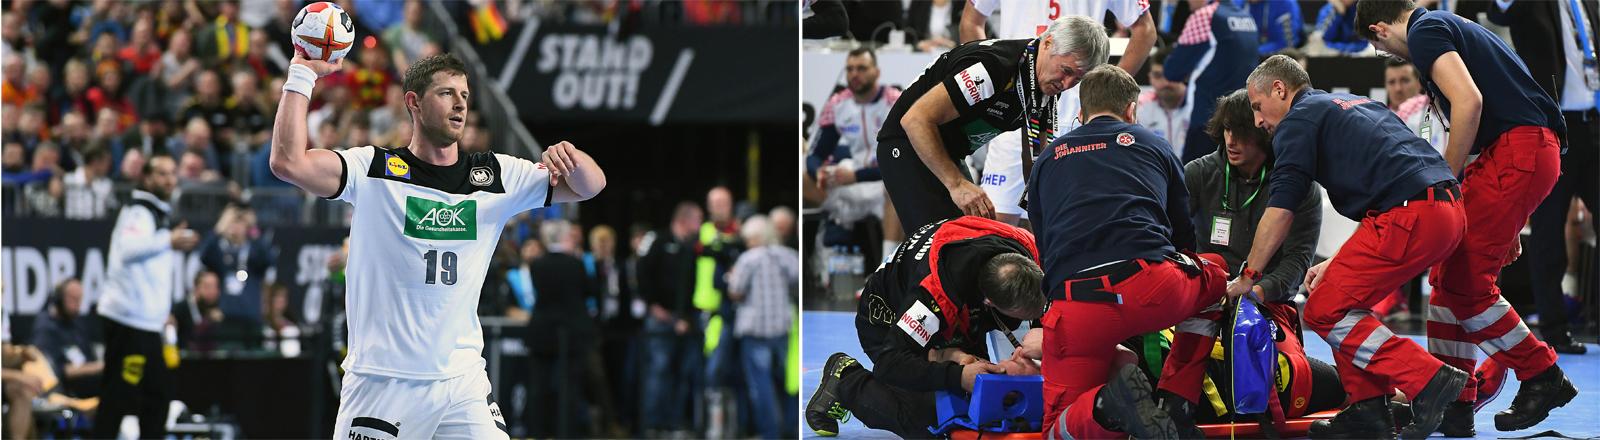 Handball WM: Martin Strobel spielend und Martin Strobel verletzt